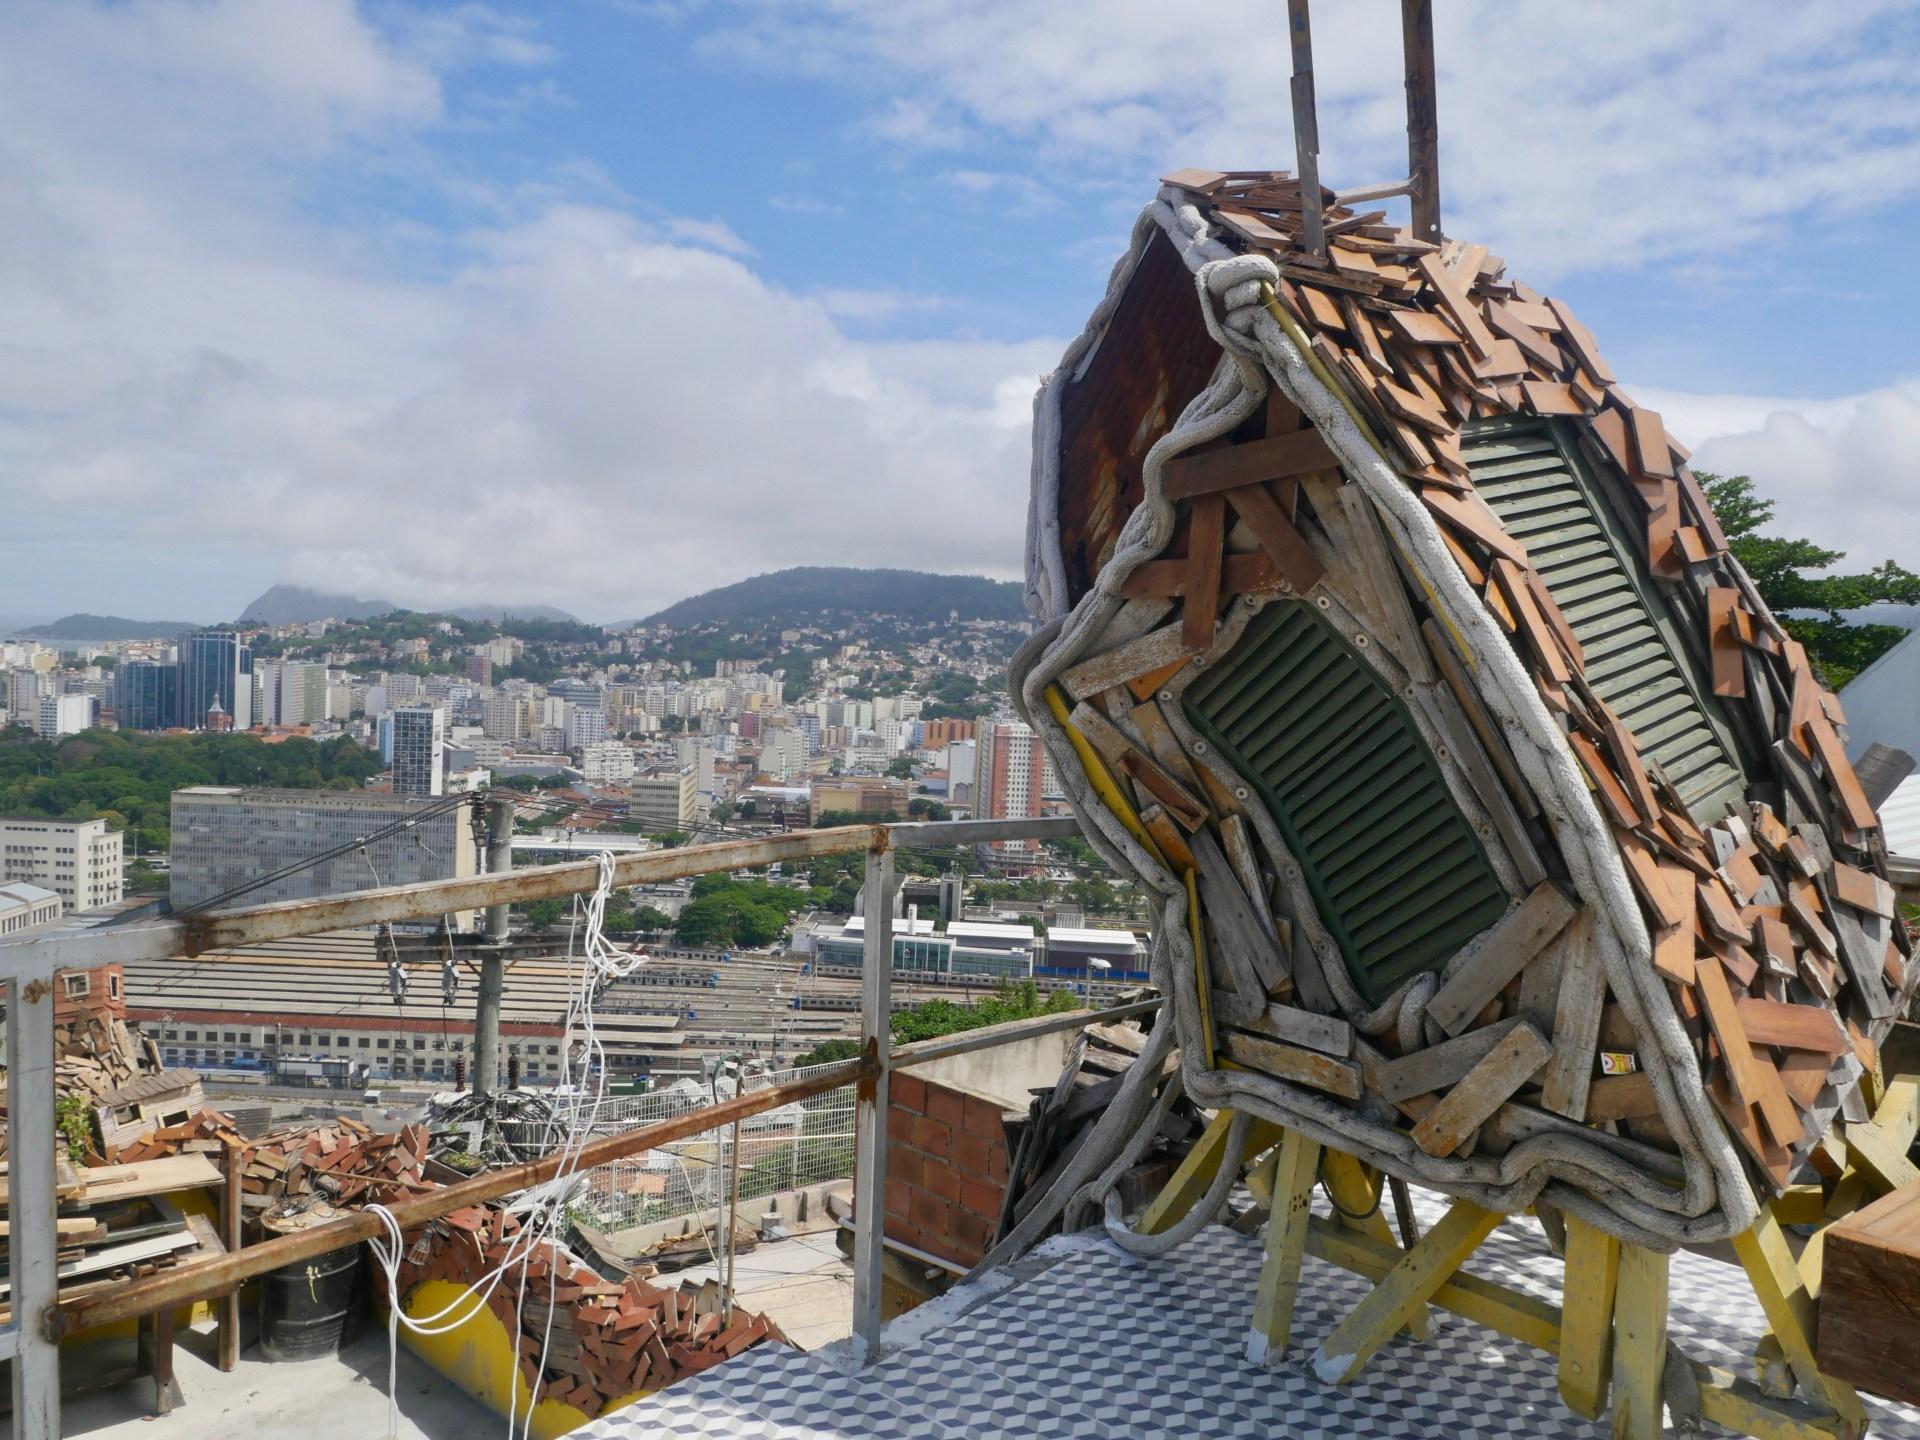 Toit de la Casa à Morro do Providencia